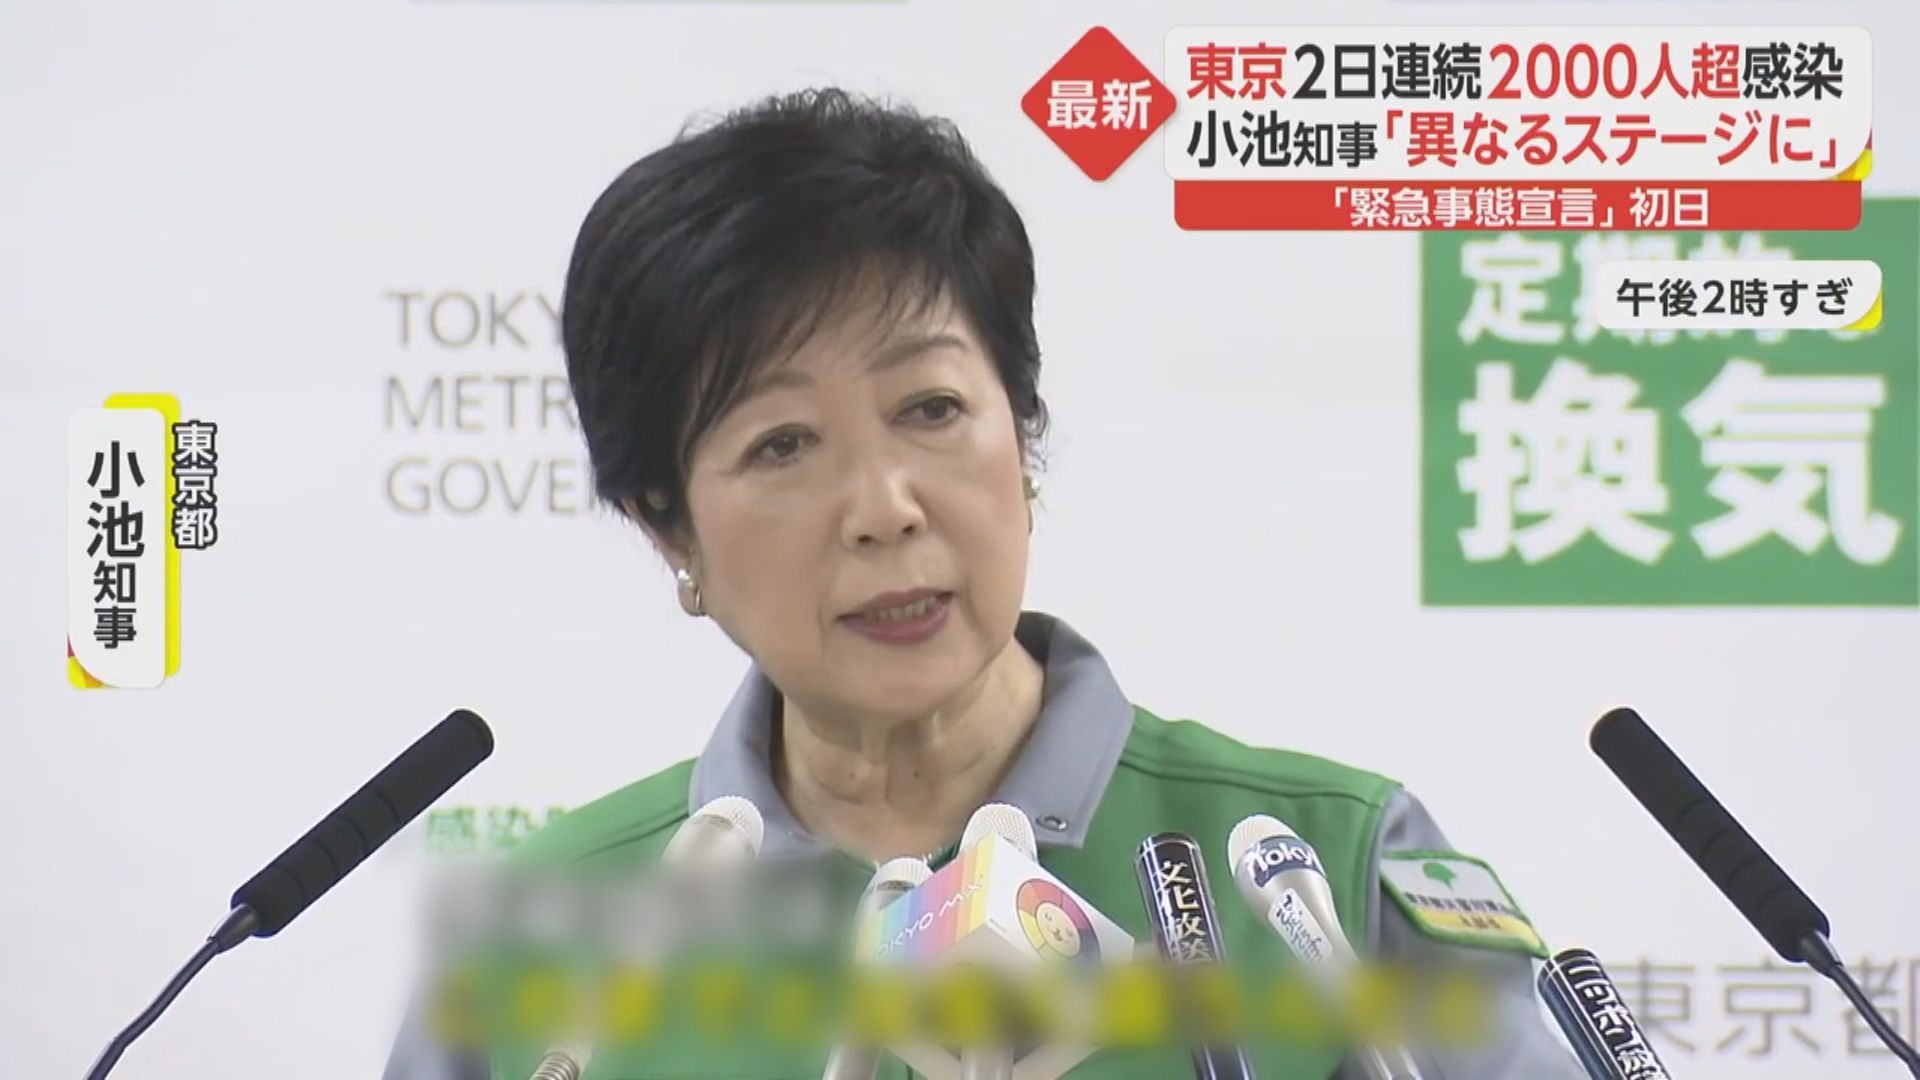 日本多個府縣計劃向政府要求頒布緊急事態宣言